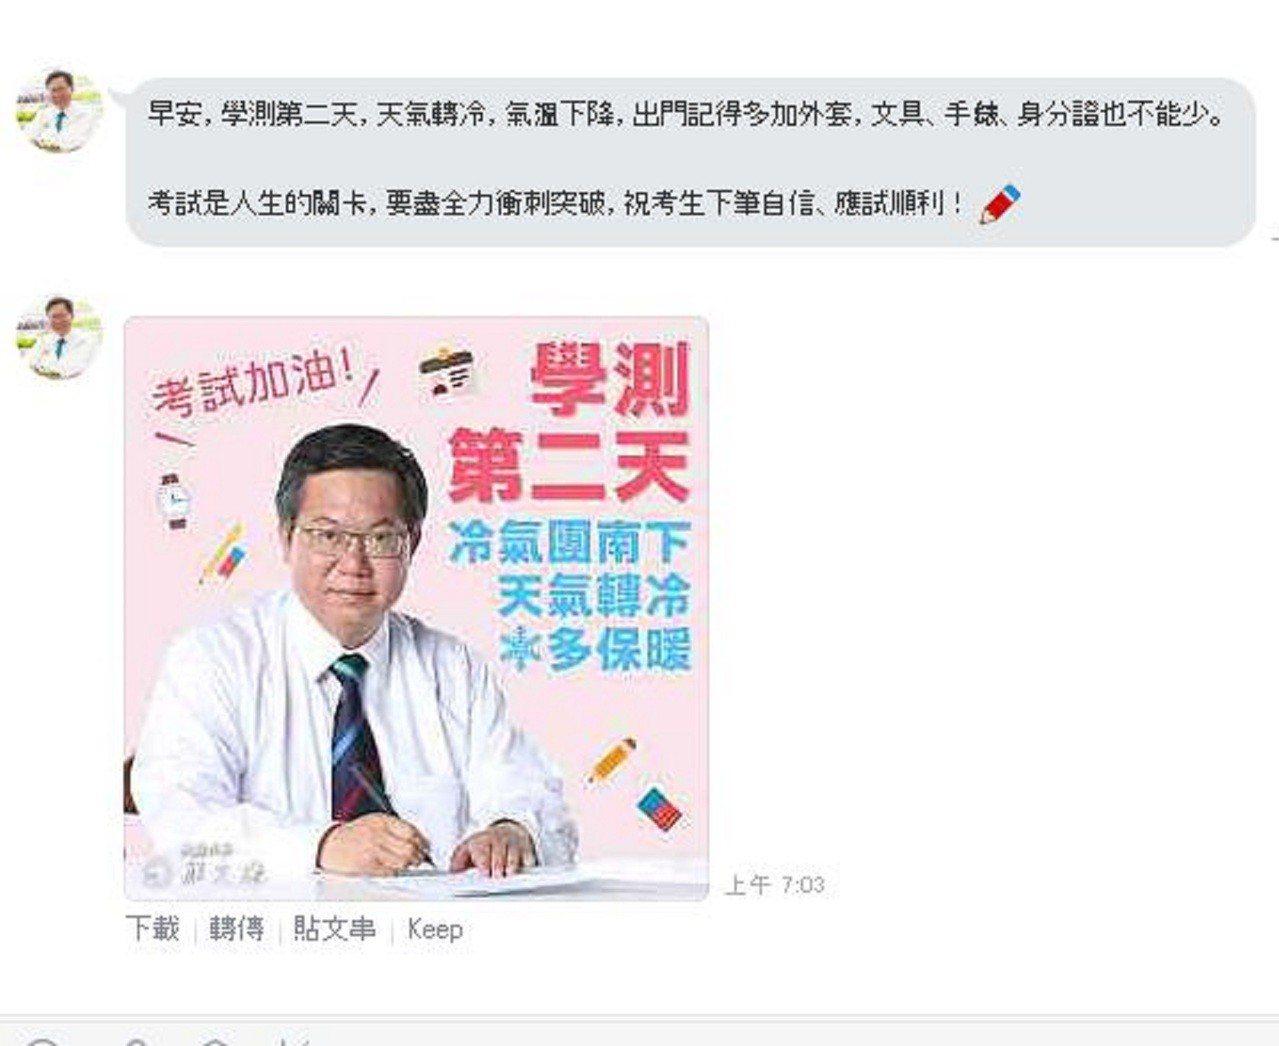 大學學測第二天,桃園市長鄭文燦也為考生加油。圖/取自鄭文燦line@